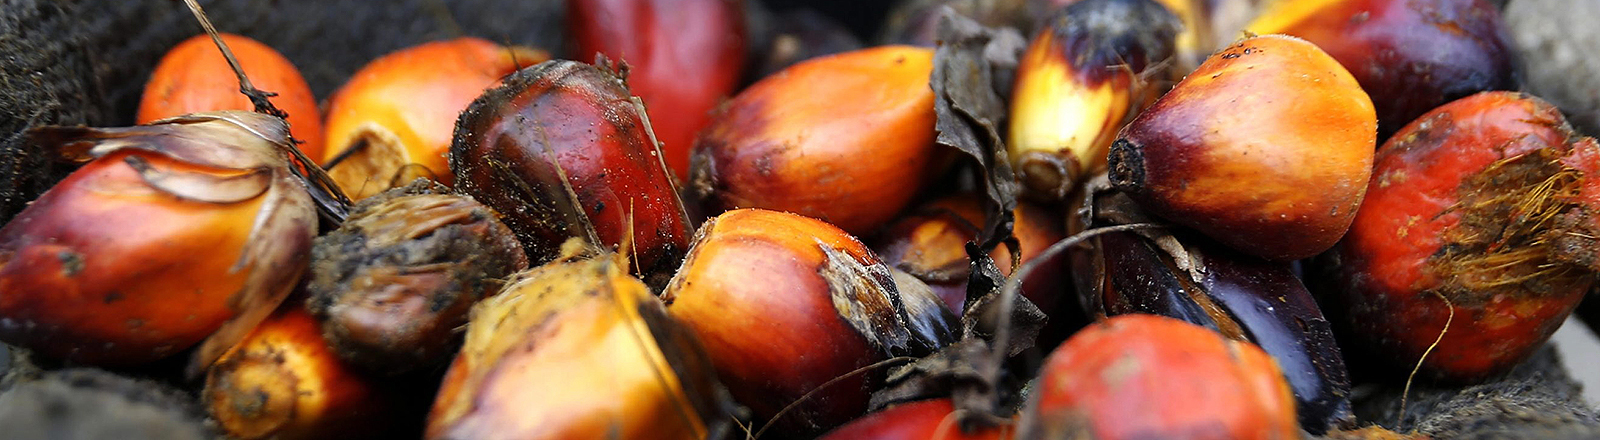 """An Indonesian palm oil farmer displays some of the palm harvest, in Tamiang, Aceh, Indonesia, 15 December 2015. A EPA/HOTLI SIMANJUNTAK (zu dpa """"Studie: Ersatz von Palmöl kann Umweltprobleme verschärfen"""" vom 30.08.2016)"""